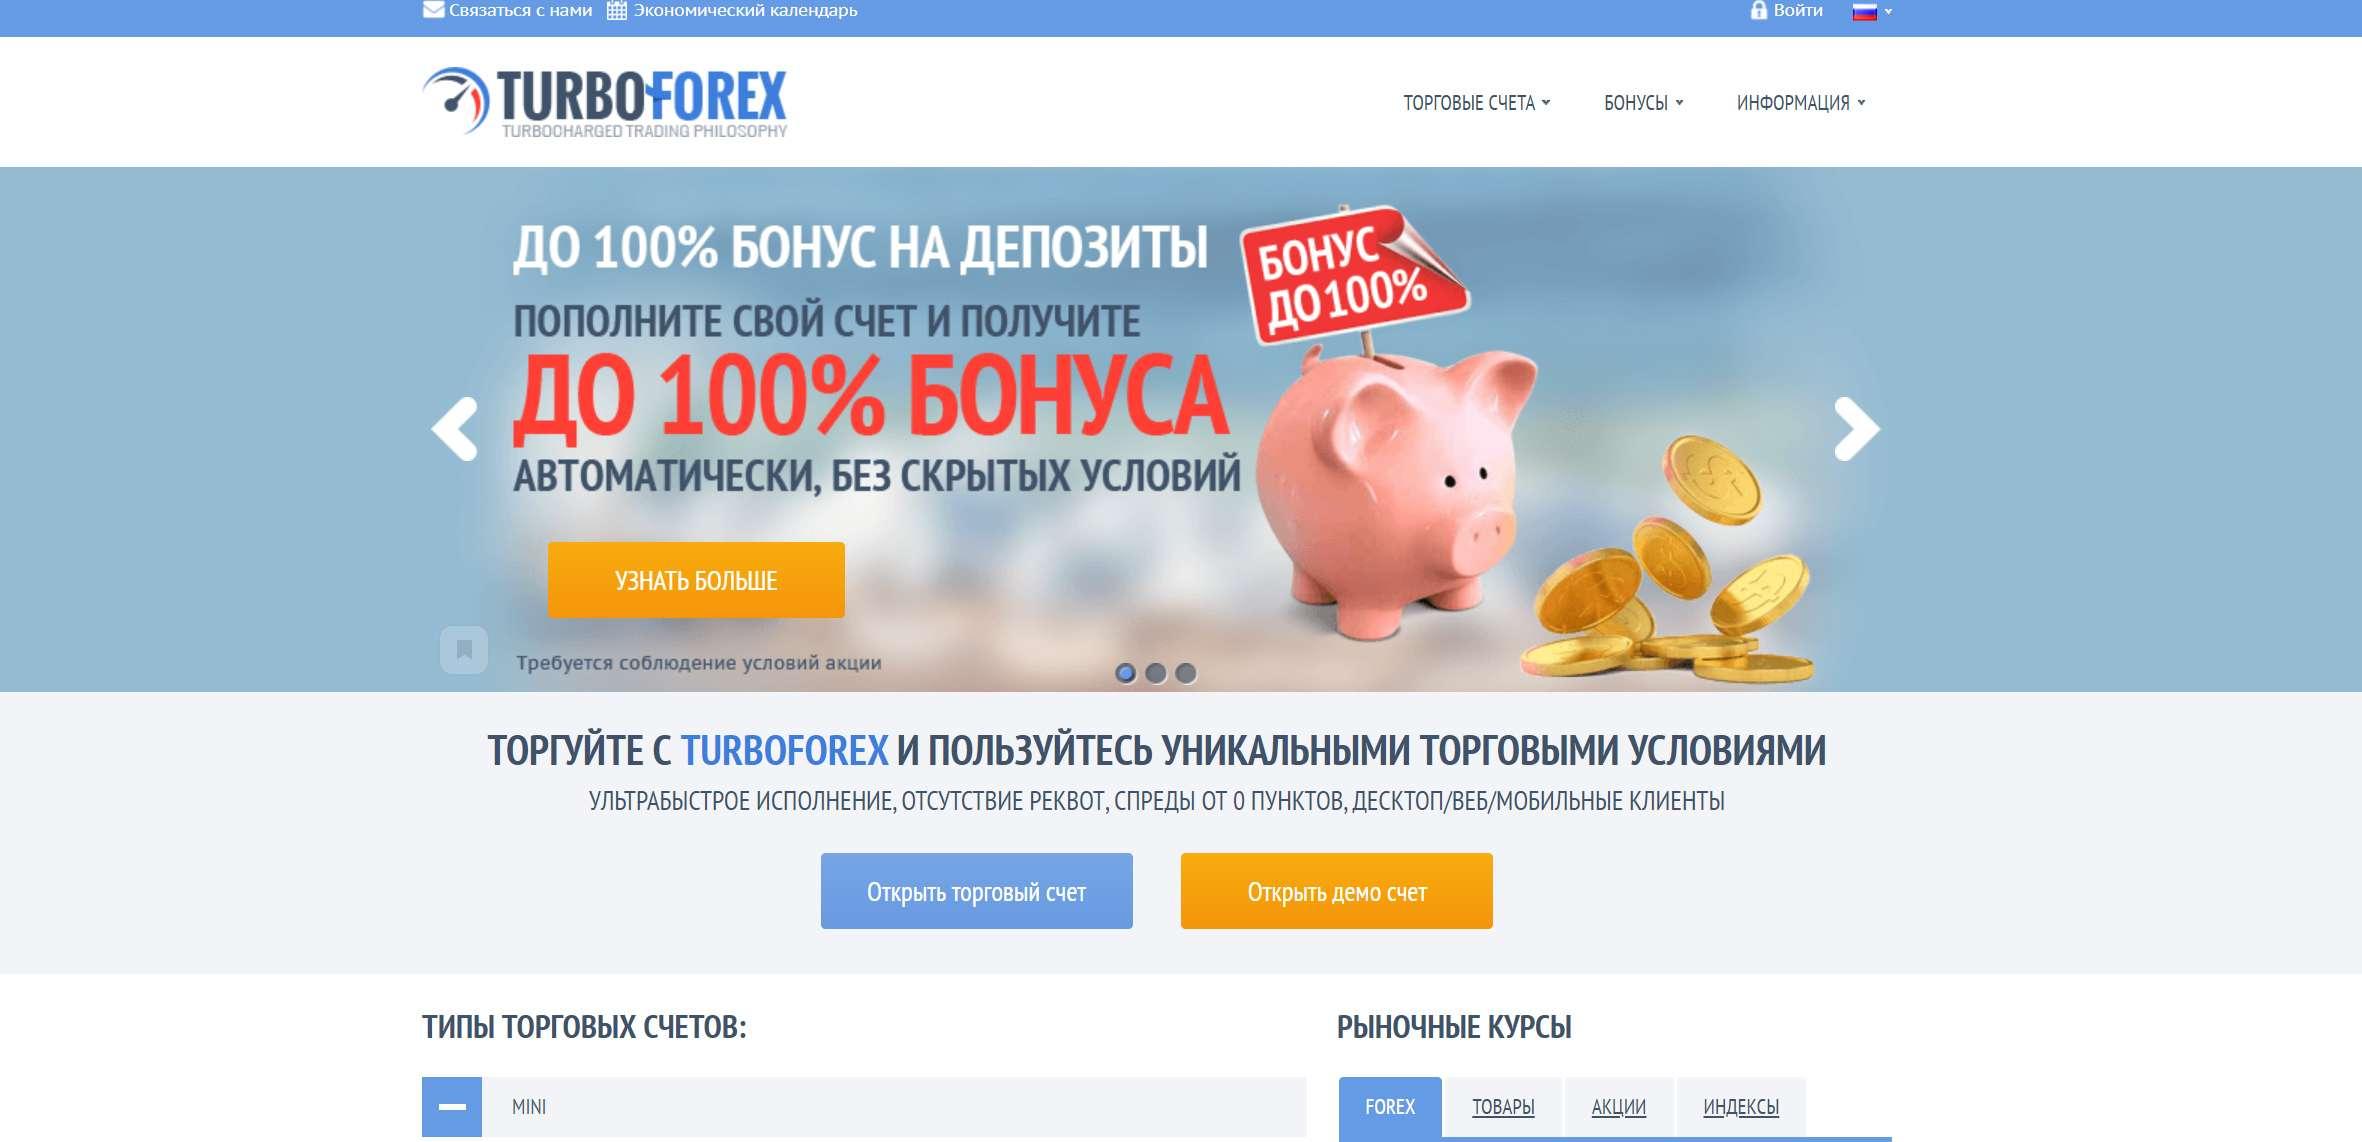 TurboForex - псевдоброкер или надежный партнер? отзывы и обзор проекта.